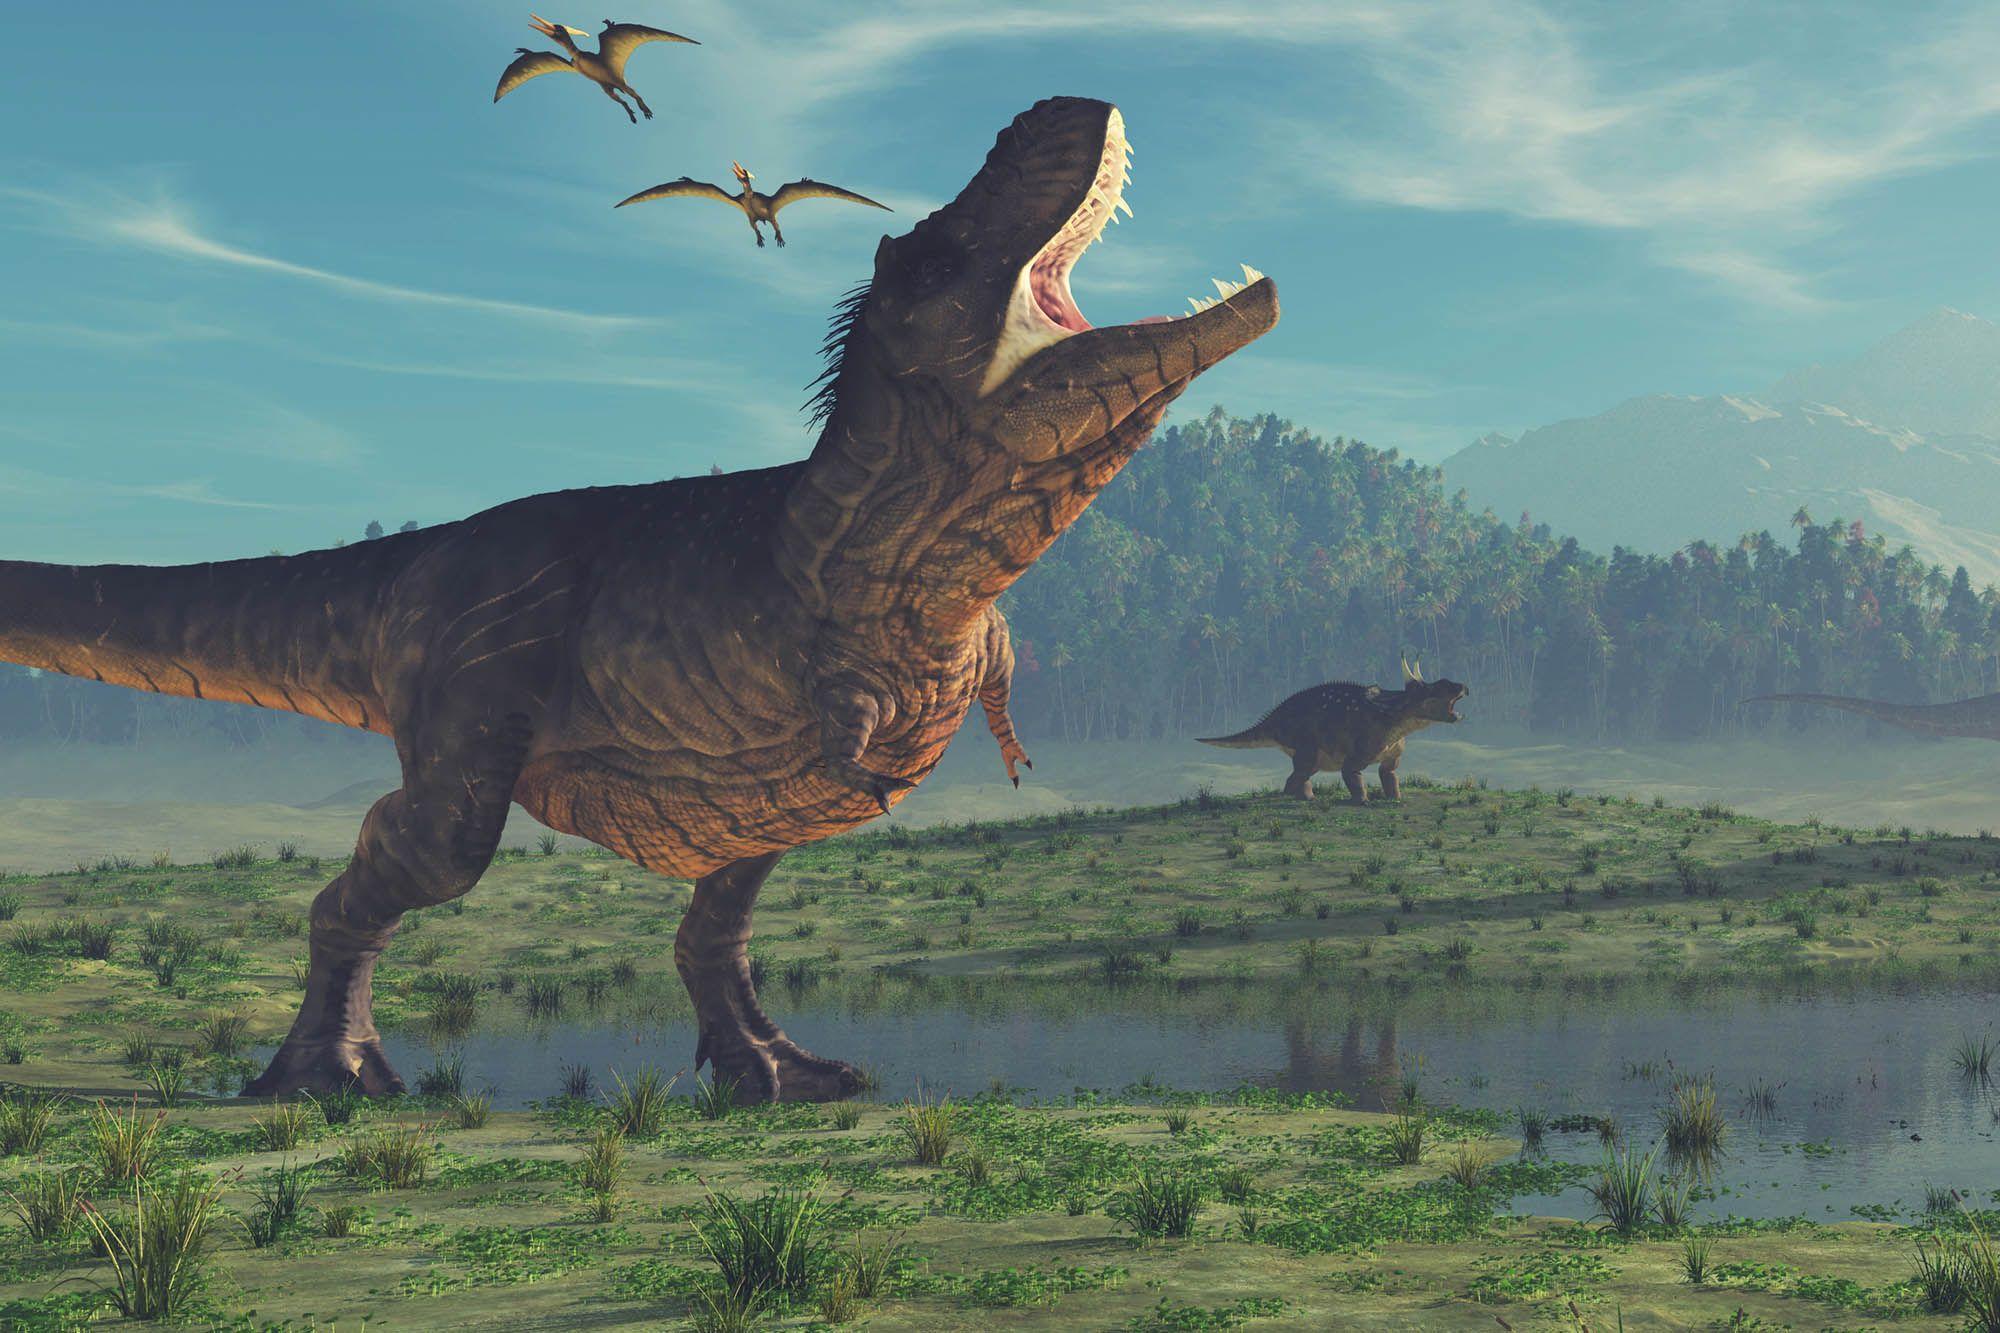 8 حقائق مثيرة عن الديناصورات حقائق ومعلومات عن الديناصورات انا مسافر